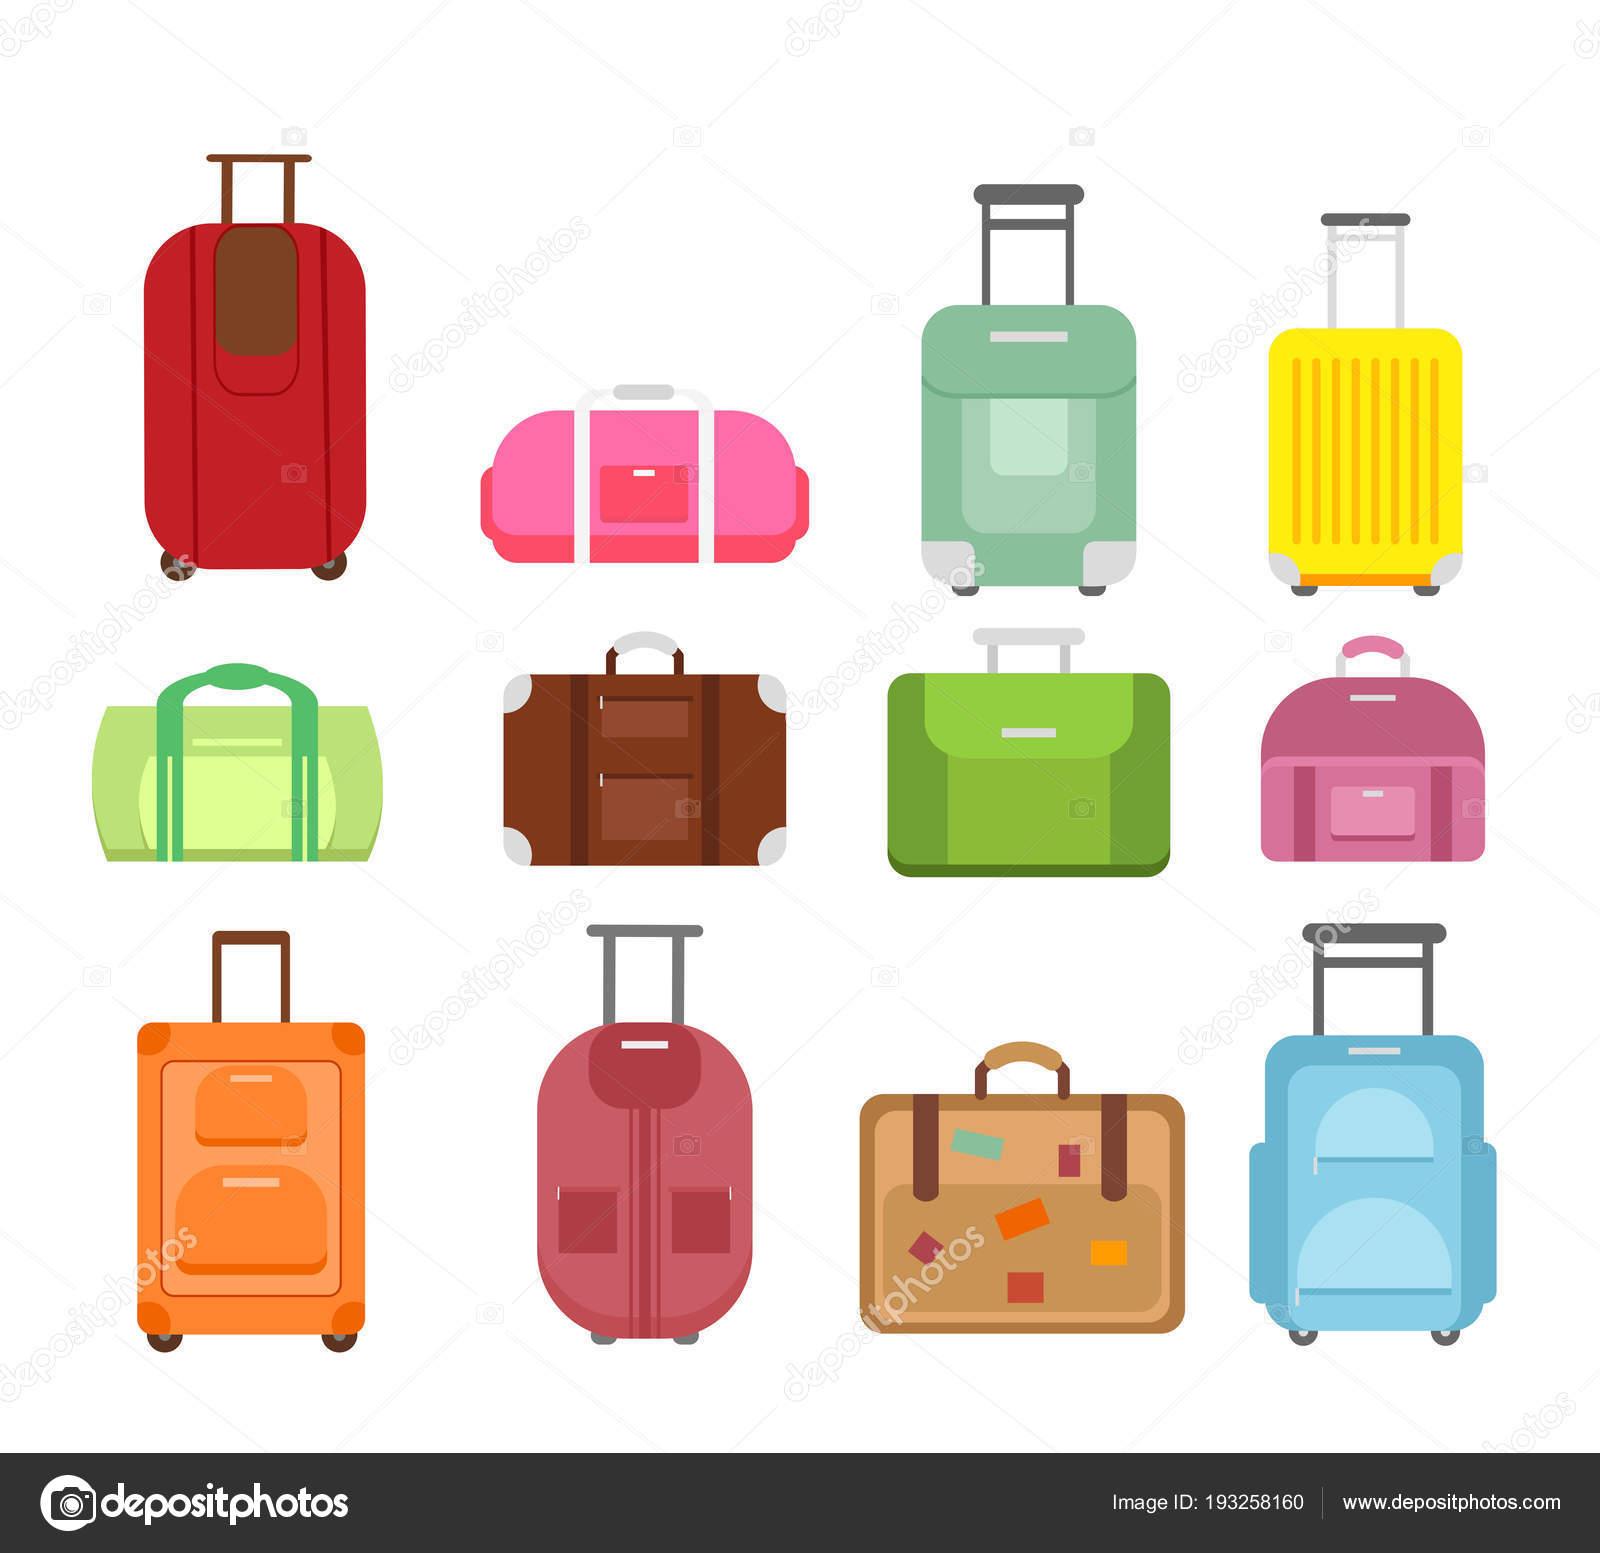 05bfbd617 Conjunto de ilustración vectorial de bolsas de diferentes tipos de viaje  aislado en fondo blanco, maleta viaje viaje y bolso de cuero del equipaje  de viaje ...